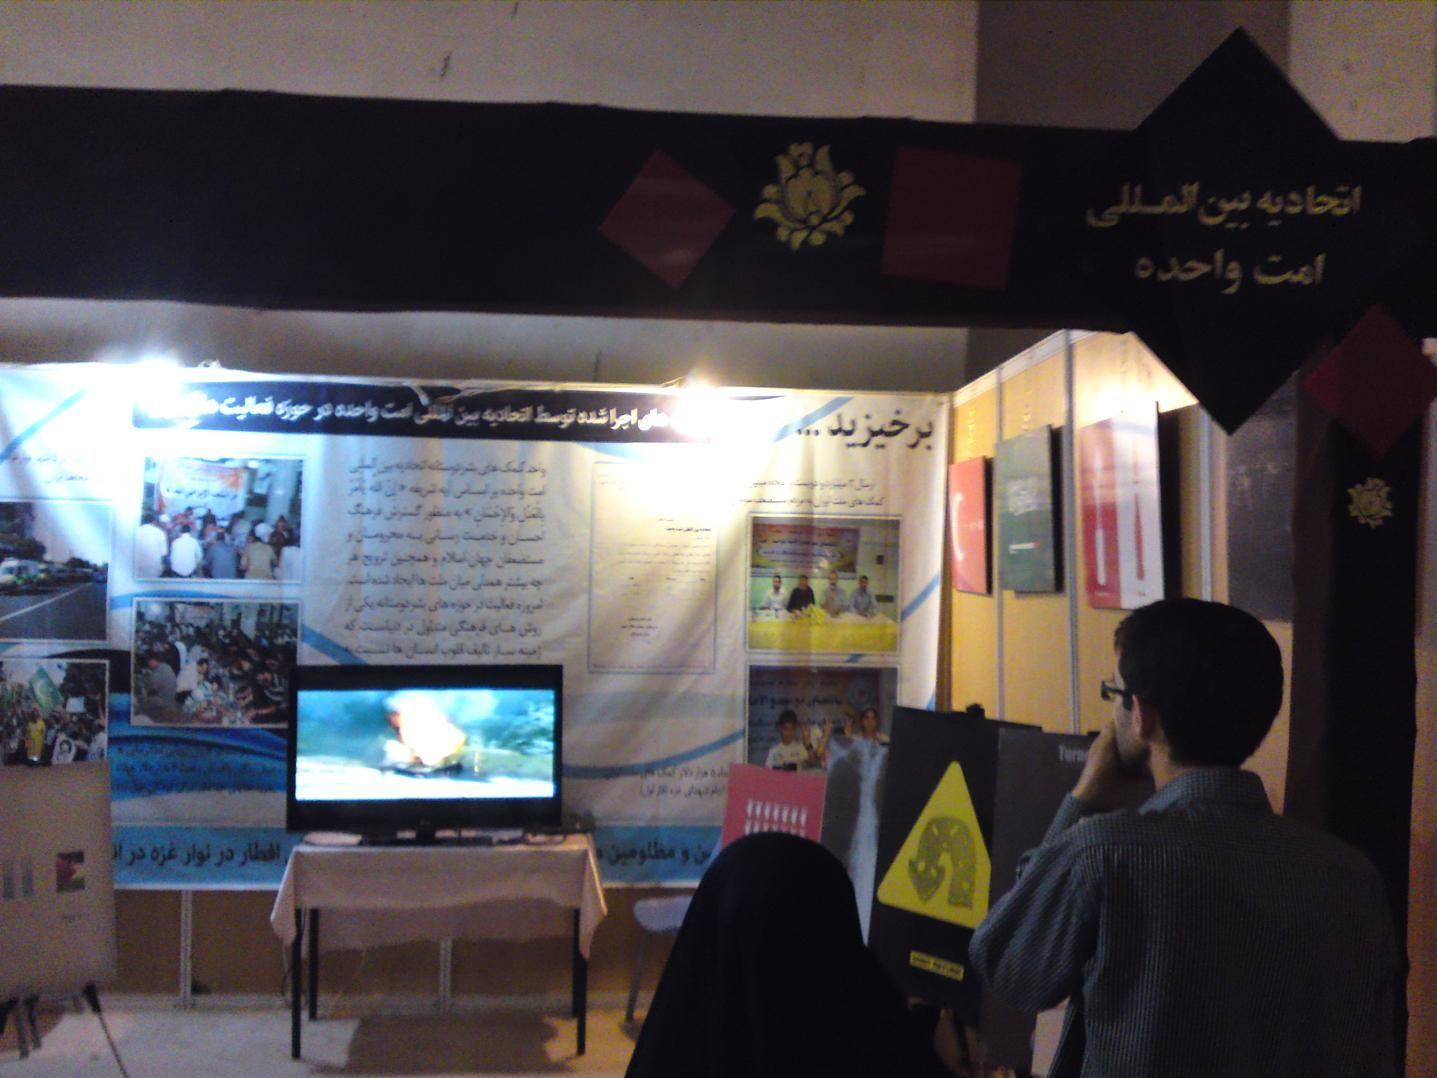 غرفه امت واحده در نمایشگاه قرآن تهران 6